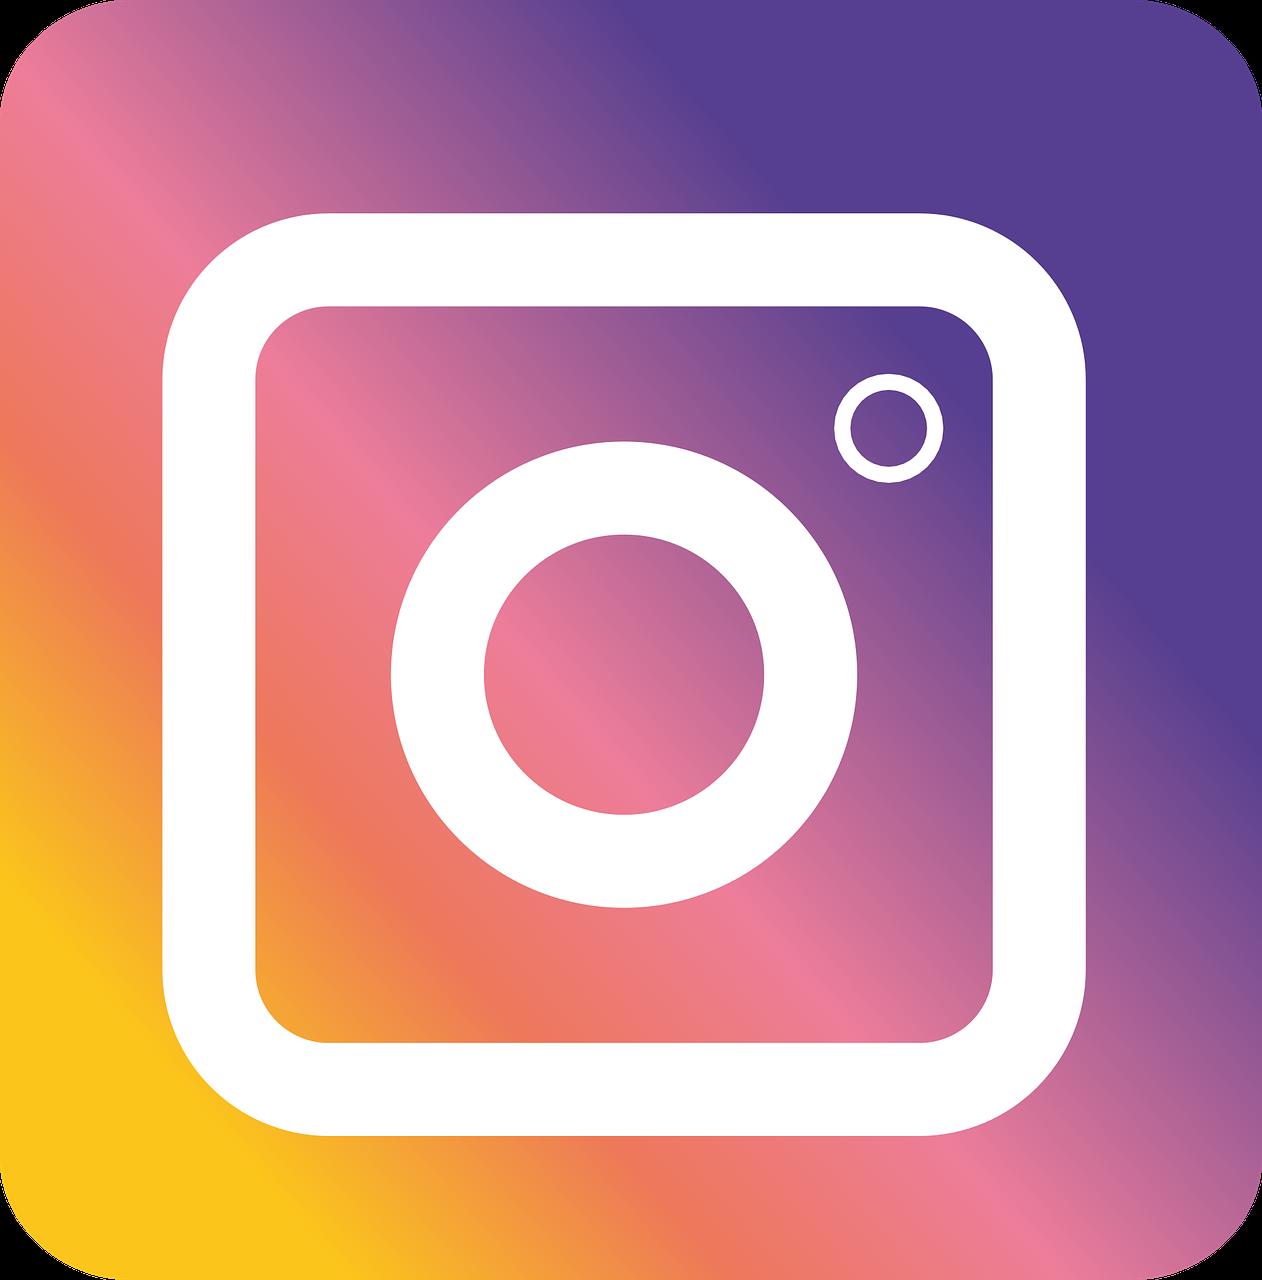 instagram-1675670_1280.png